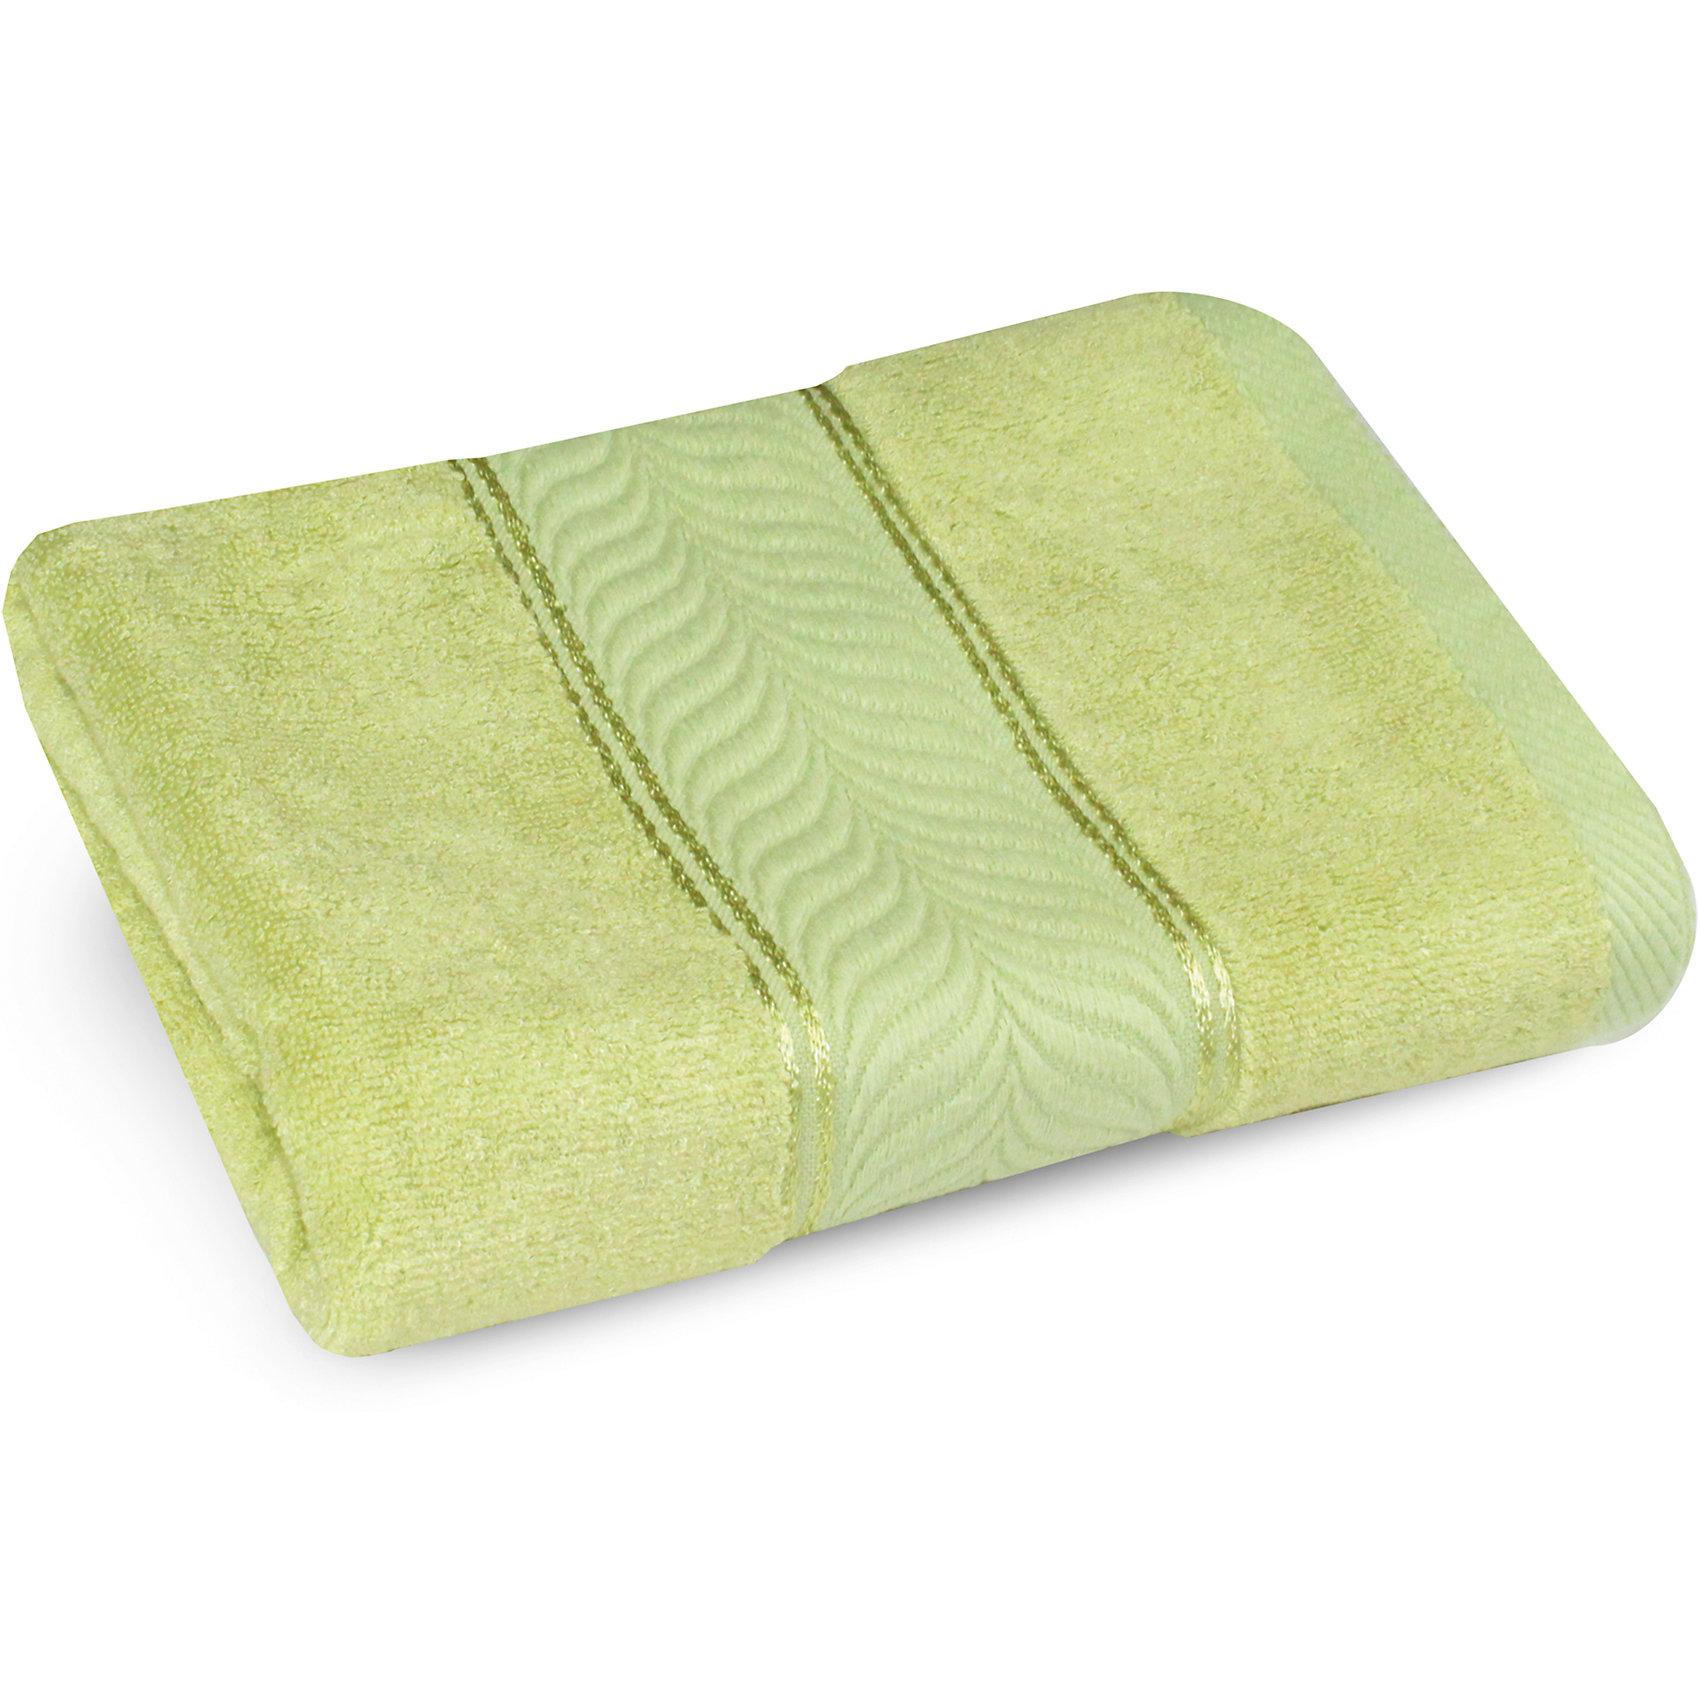 Полотенце махровое 70*140 бамбук, Cozy Home, зеленыйПолотенце махровое 70*140 бамбук, Cozy Home (Кози Хоум), зеленый<br><br>Характеристики:<br><br>• быстро впитывает влагу<br>• препятствует размножению бактерий<br>• легко отстирывается<br>• размер: 70х140 см<br>• материал: бамбук<br>• бордюр: вискоза<br>• цвет: зеленый<br><br>Махровое полотенце от Cozy Home понравится самым взыскательным ценителям качественного текстиля. Оно изготовлено из бамбука, благодаря чему отличается особой прочностью и высокой гигроскопичностью. Полотенце из бамбука является полностью гипоаллергенным изделием, которое, к тому же, обладает антибактериальными и противомикробными свойствами. Вы можете использовать его как для взрослых, так и для детей. Бамбуковые волокна обеспечивают изделию приятную мягкость и легкий блеск. Полотенце дополнено вышитым бордюром из вискозы. Оно внесет уют в атмосферу вашей ванной комнаты.<br><br>Полотенце махровое 70*140 бамбук, Cozy Home (Кози Хоум), зеленый можно купить в нашем интернет-магазине.<br><br>Ширина мм: 150<br>Глубина мм: 350<br>Высота мм: 150<br>Вес г: 350<br>Возраст от месяцев: 0<br>Возраст до месяцев: 216<br>Пол: Унисекс<br>Возраст: Детский<br>SKU: 5355312